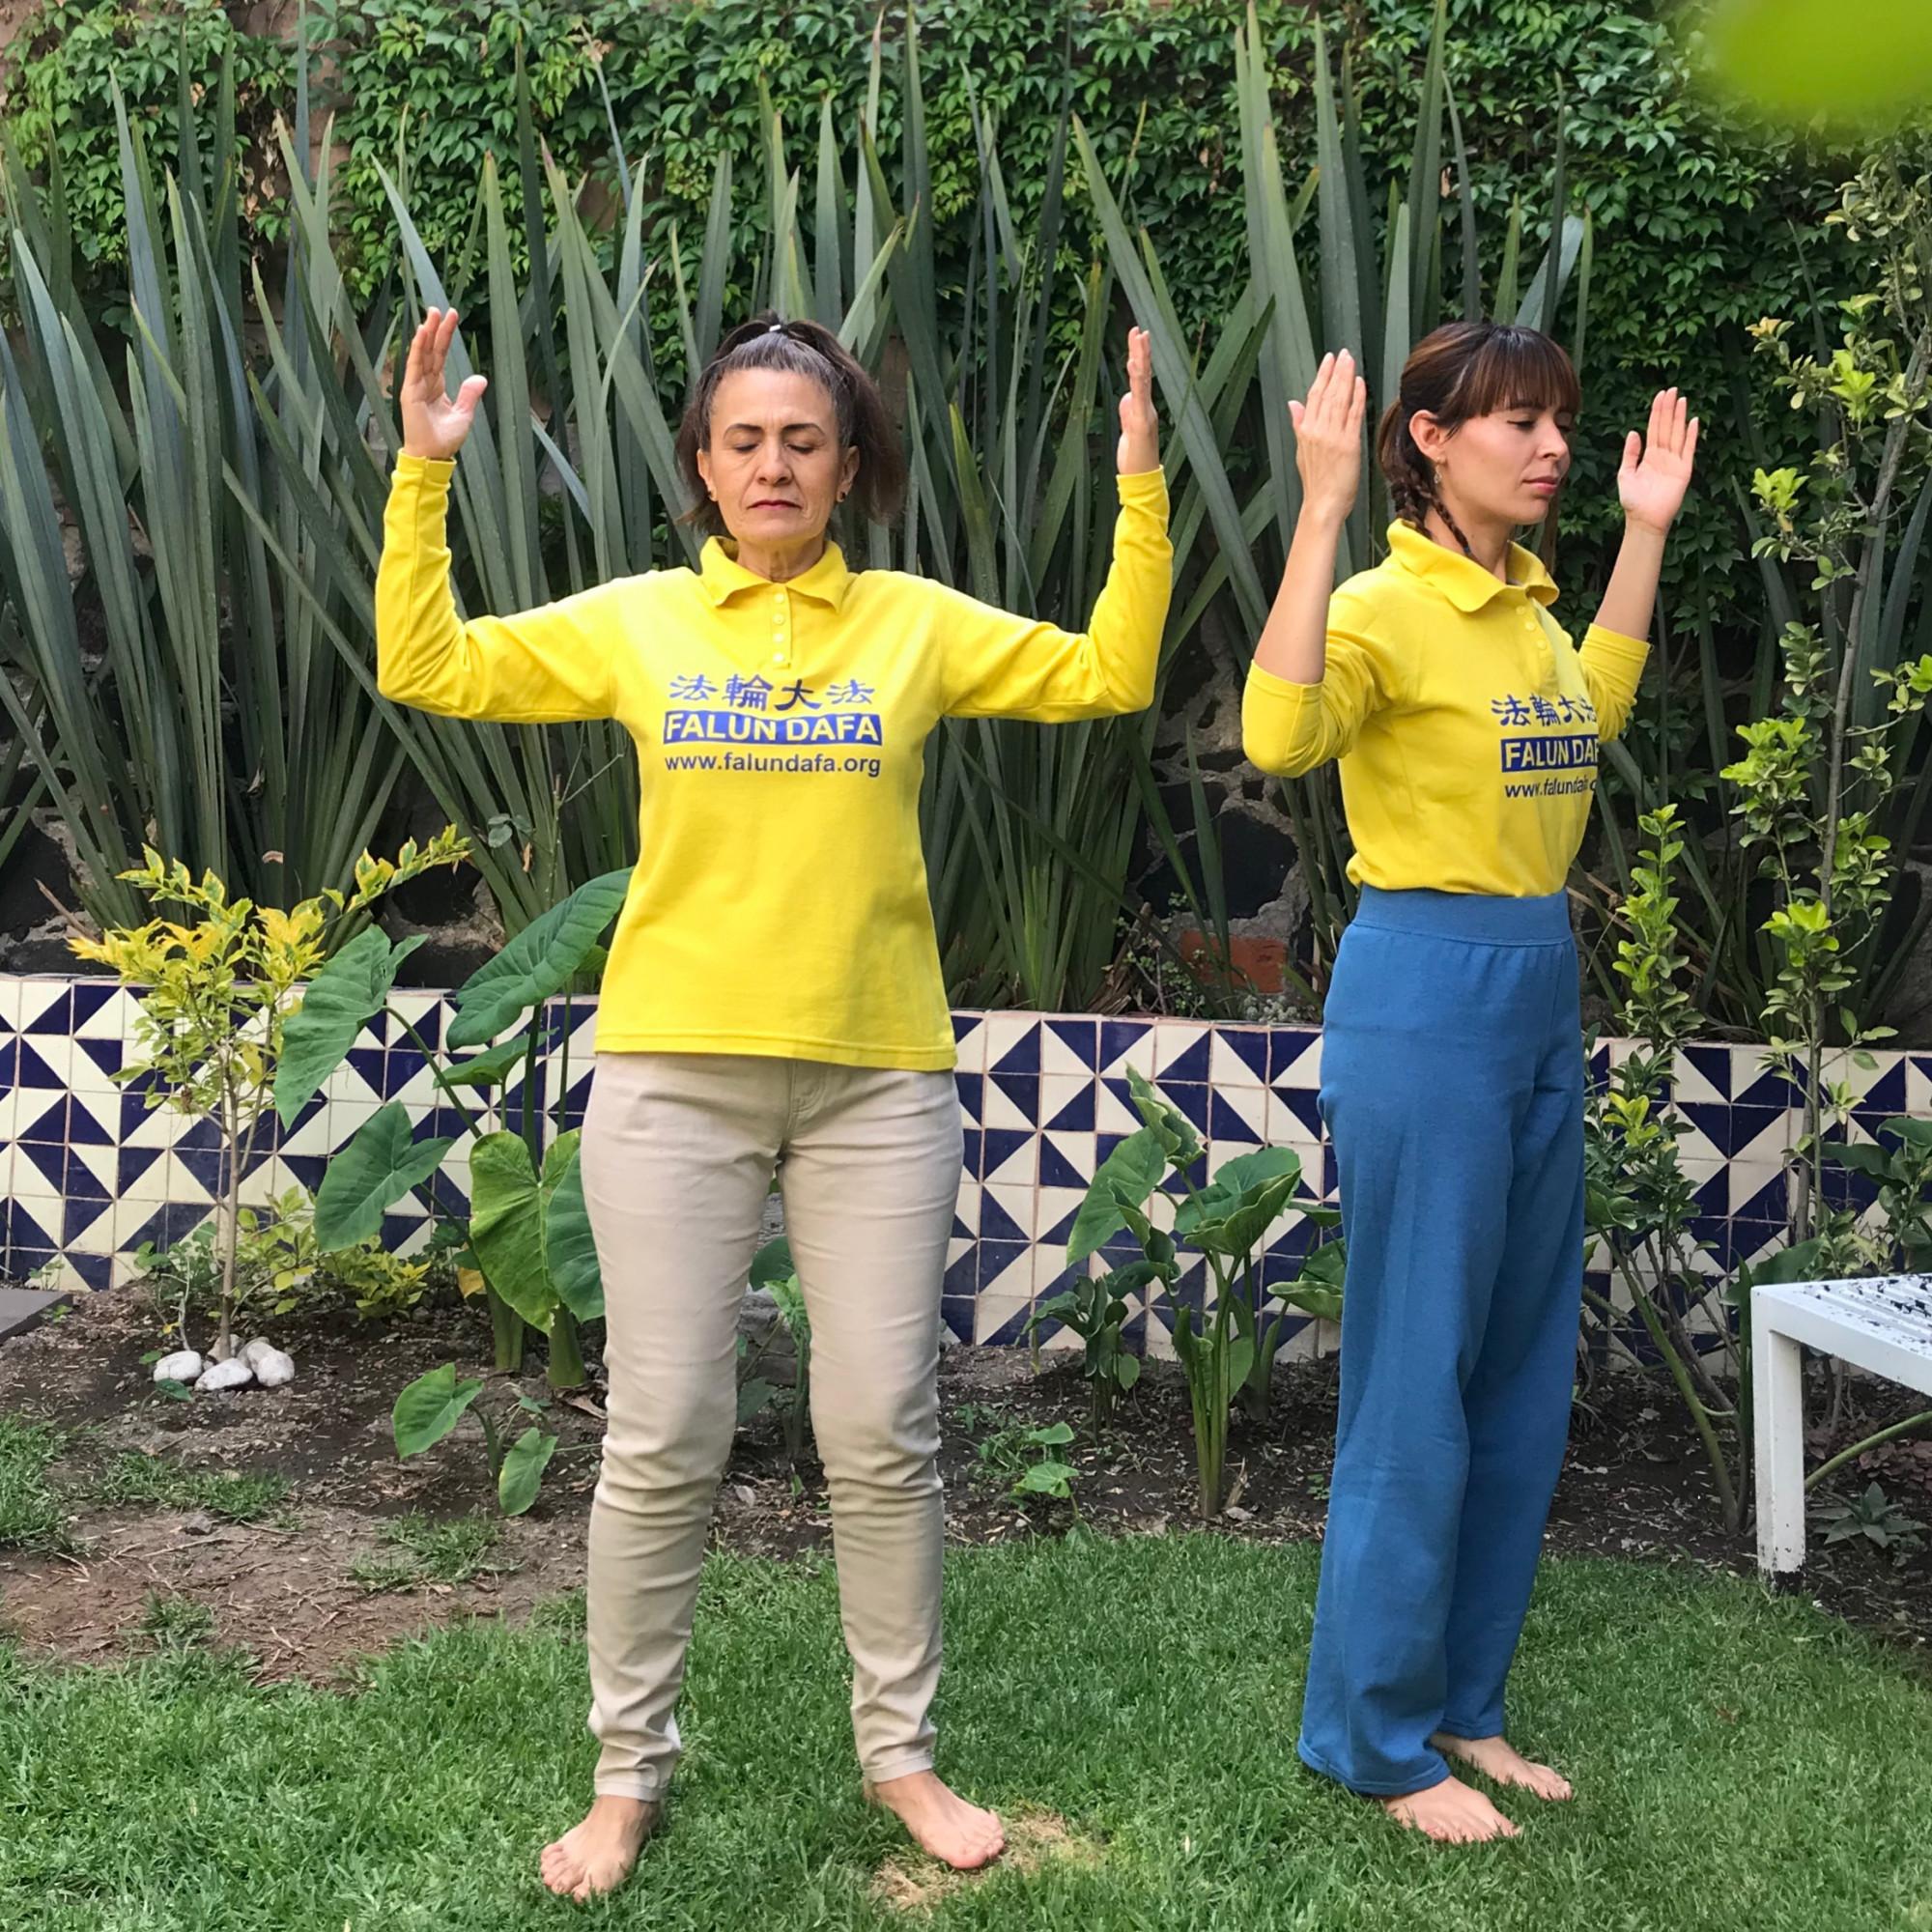 Madre e hija comparten la práctica de Falun Dafa que les ha brindado salud y armonía familiar. (Cortesía: Jennifer Pascual)